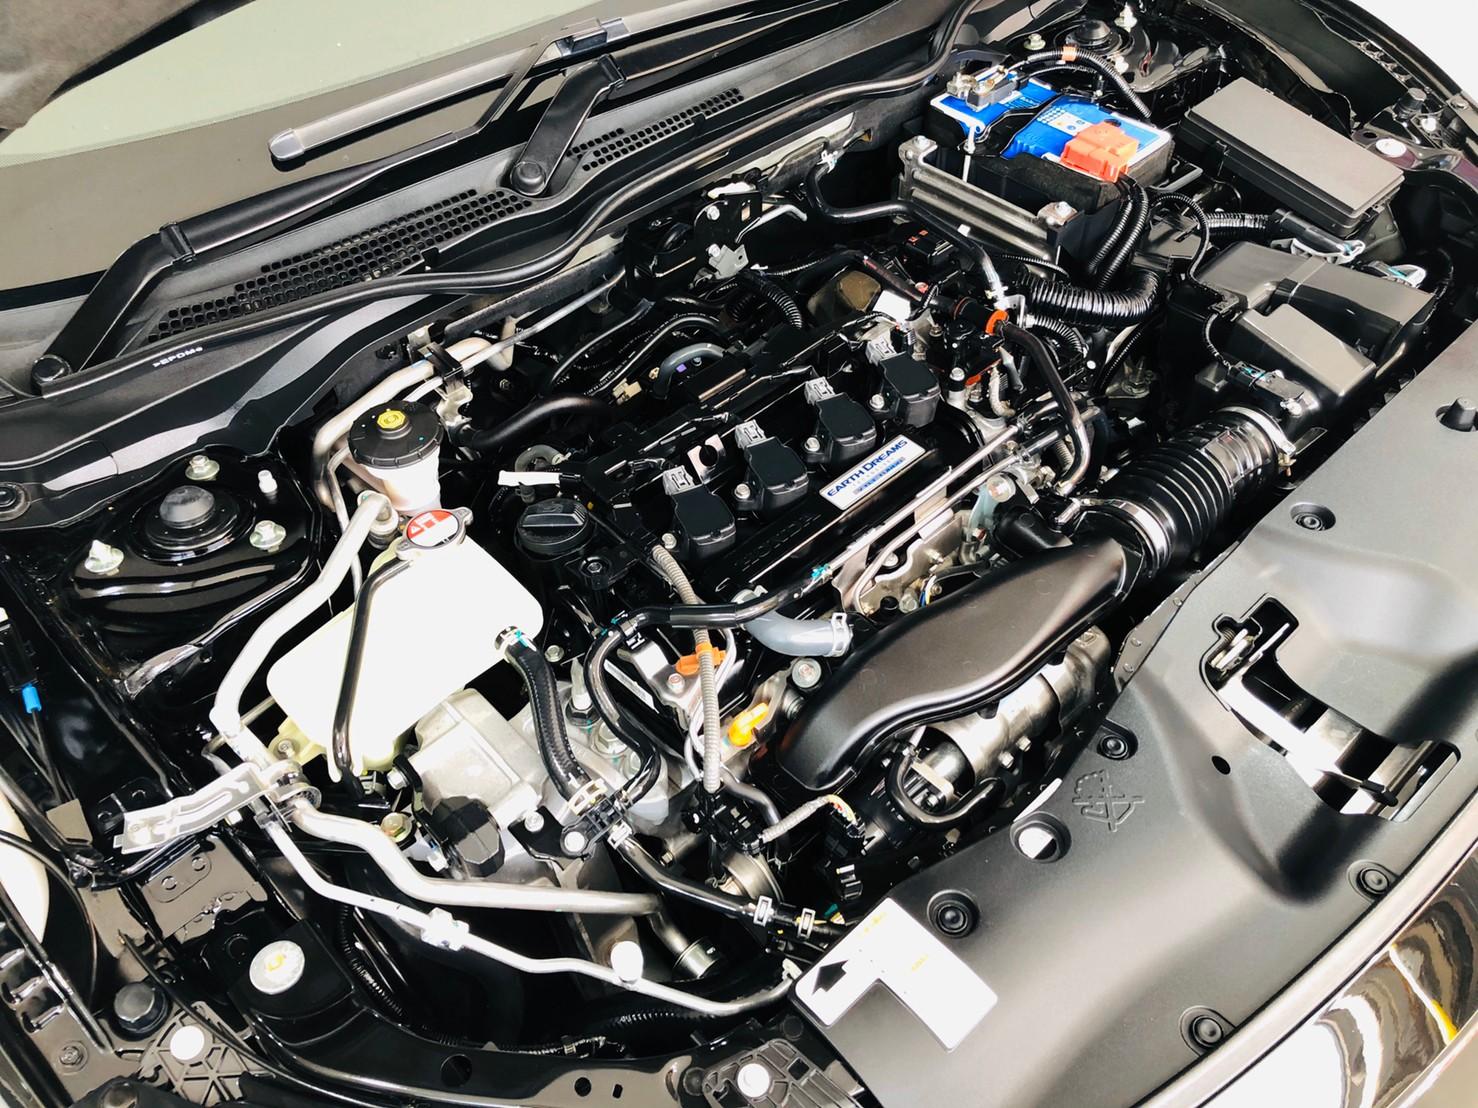 ภาพห้องเครื่อง ฮอนด้า ซีวิค FC 1.5 Turbo RS ปี 2016